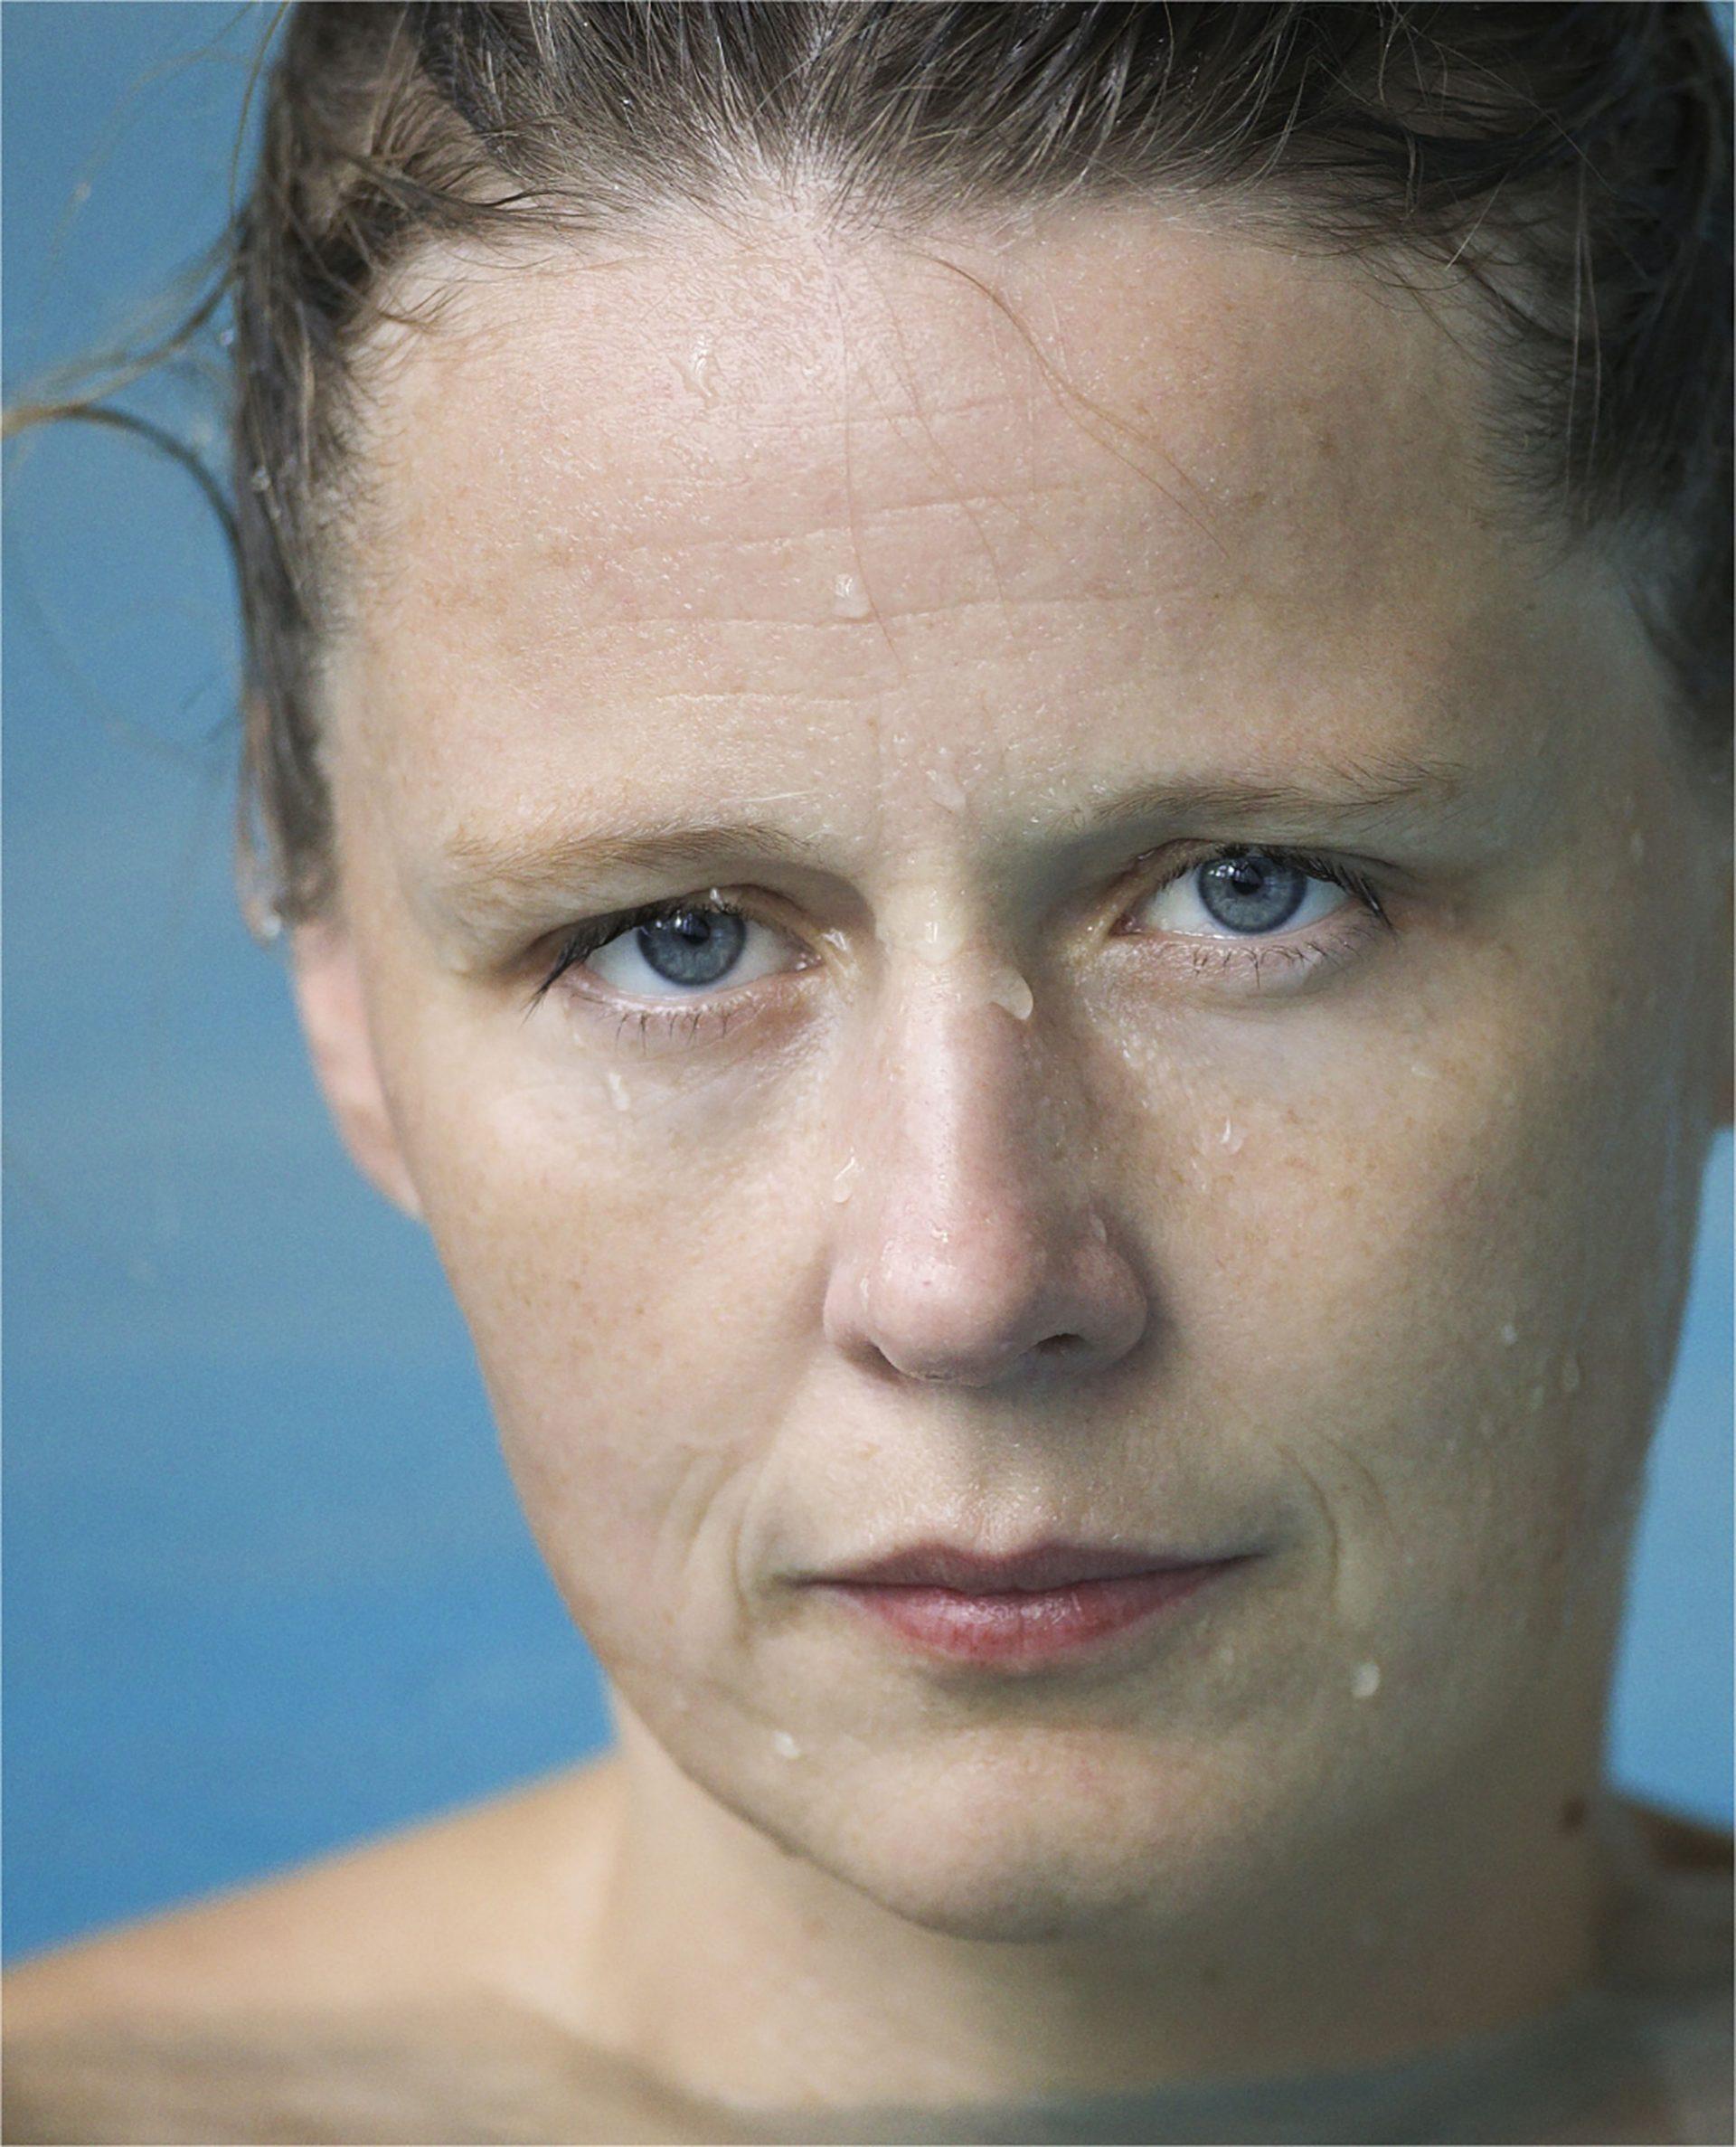 「あなたは天気 パート2」(部分) 2010-2011年 Courtesy of the artist and Hauser & Wirth © Roni Horn